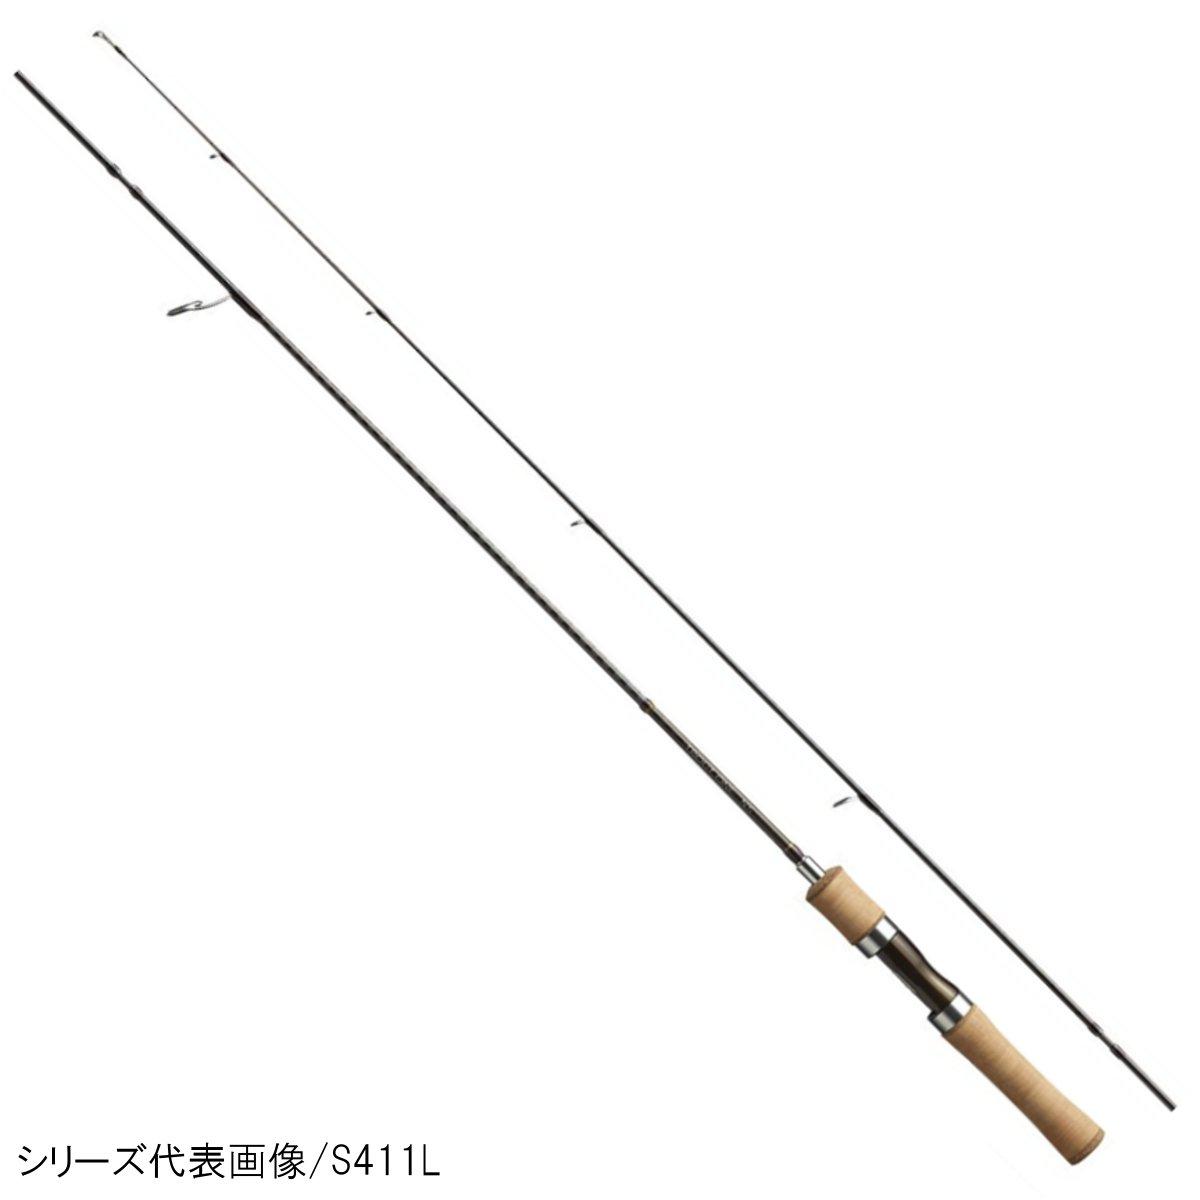 シマノ トラウトワン NS S53UL